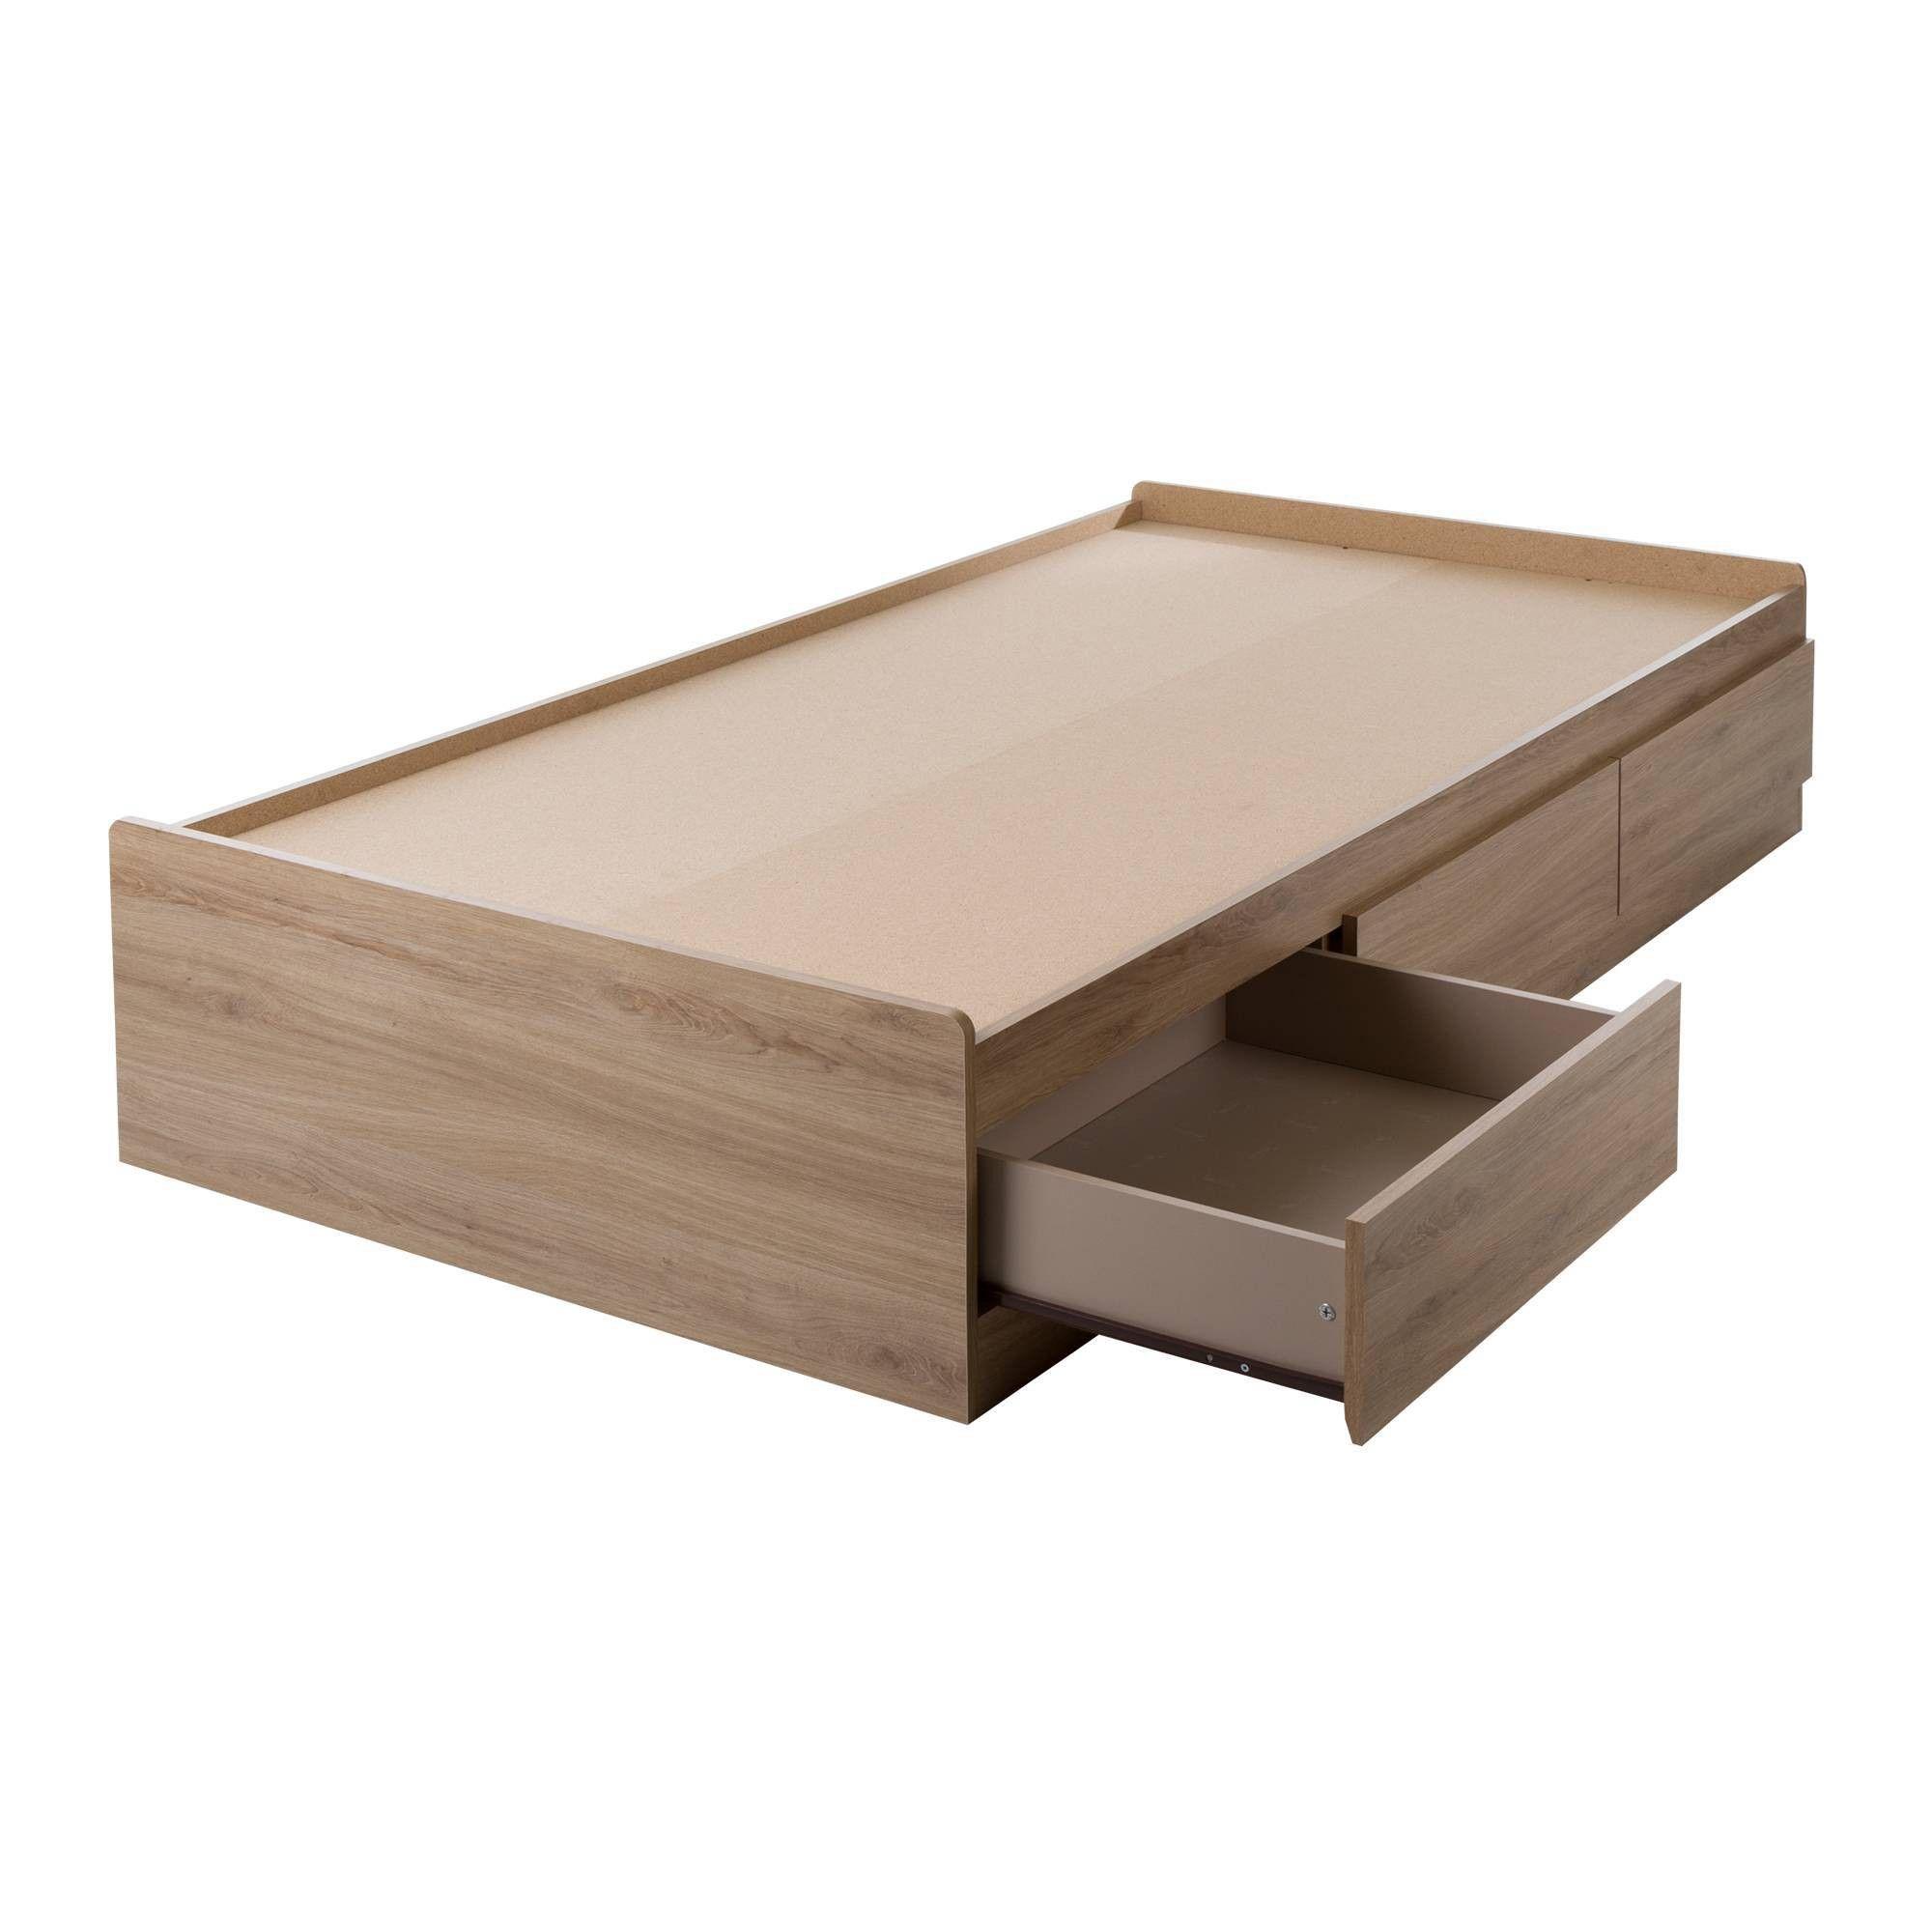 Fynn Mates Bed With 3 Drawers Twin Light Brown South Shore Dekorasi Kamar Tidur Buatan Sendiri Dekor Dipan